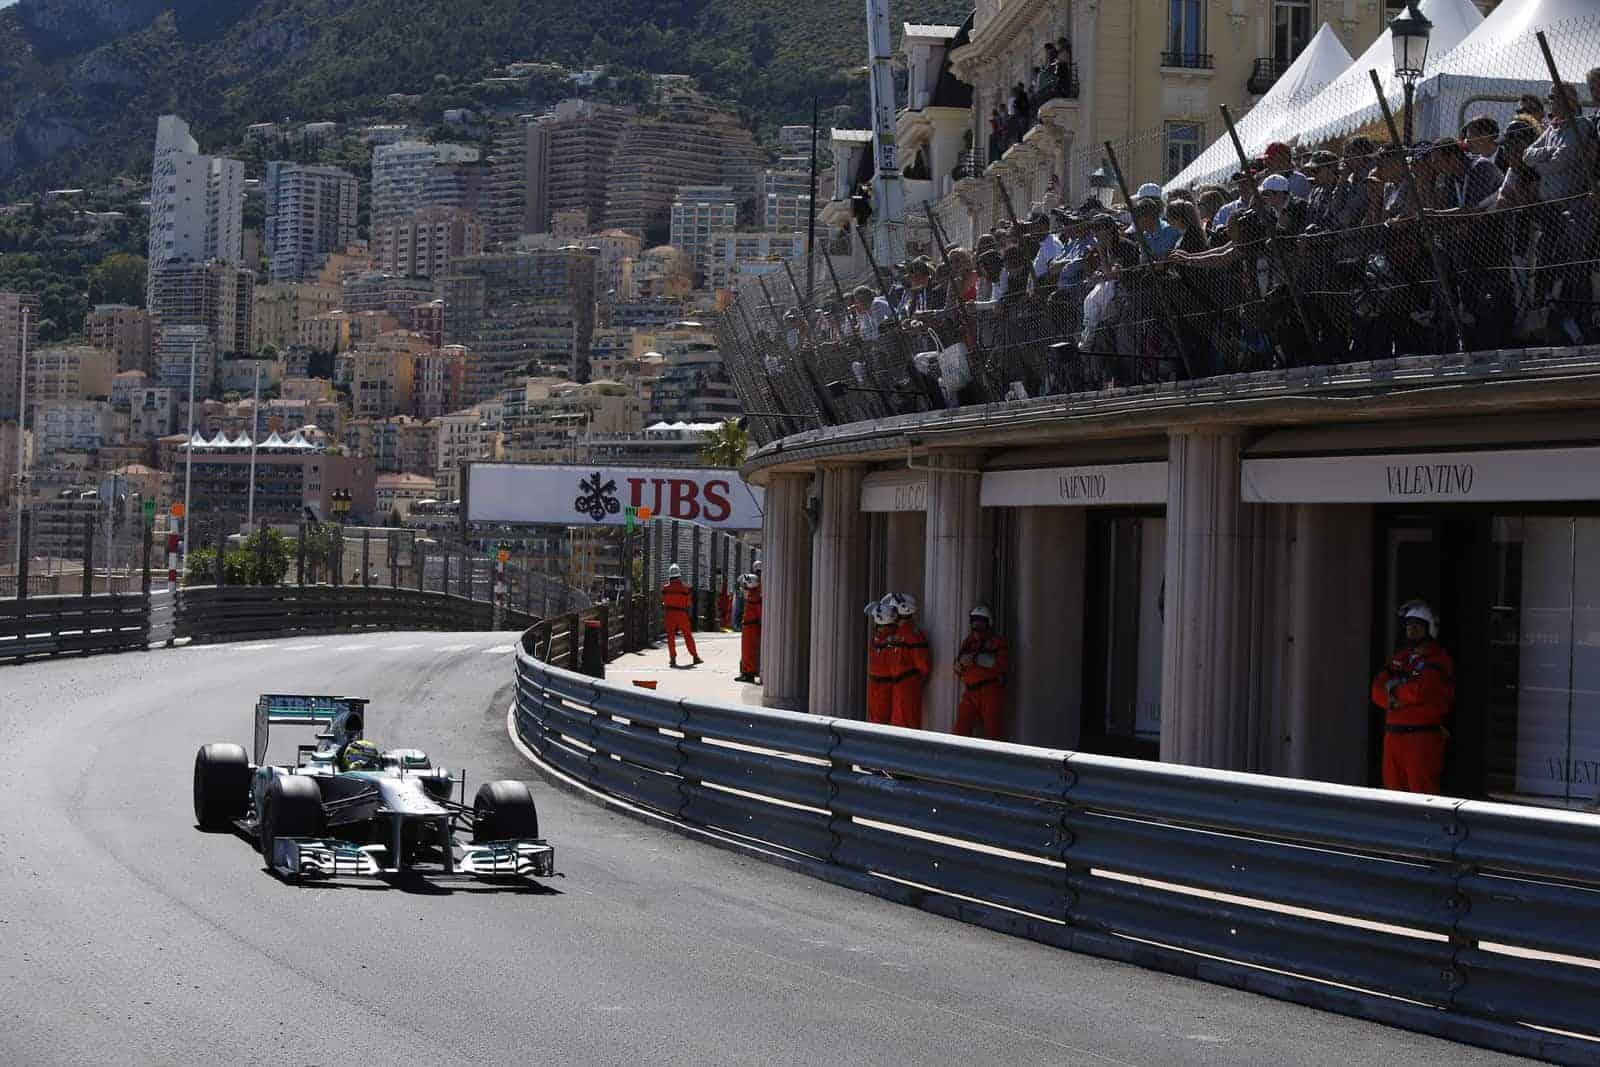 , Des démonstrations de Formule 1 dans les villages de la région, Made in Marseille, Made in Marseille